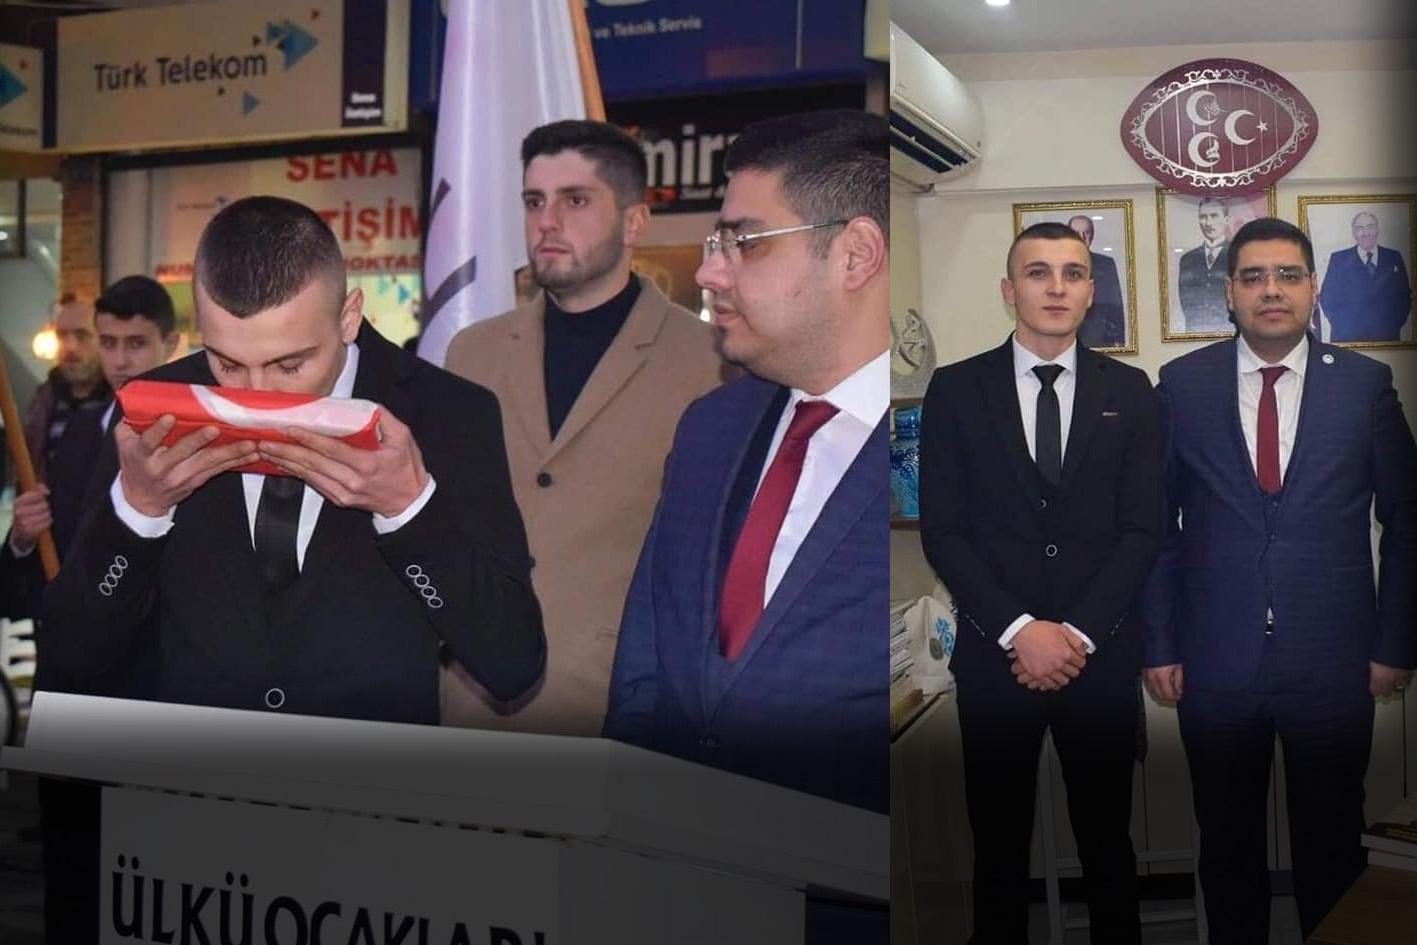 Atama yapılan başkana meydanda görev teslim edildi